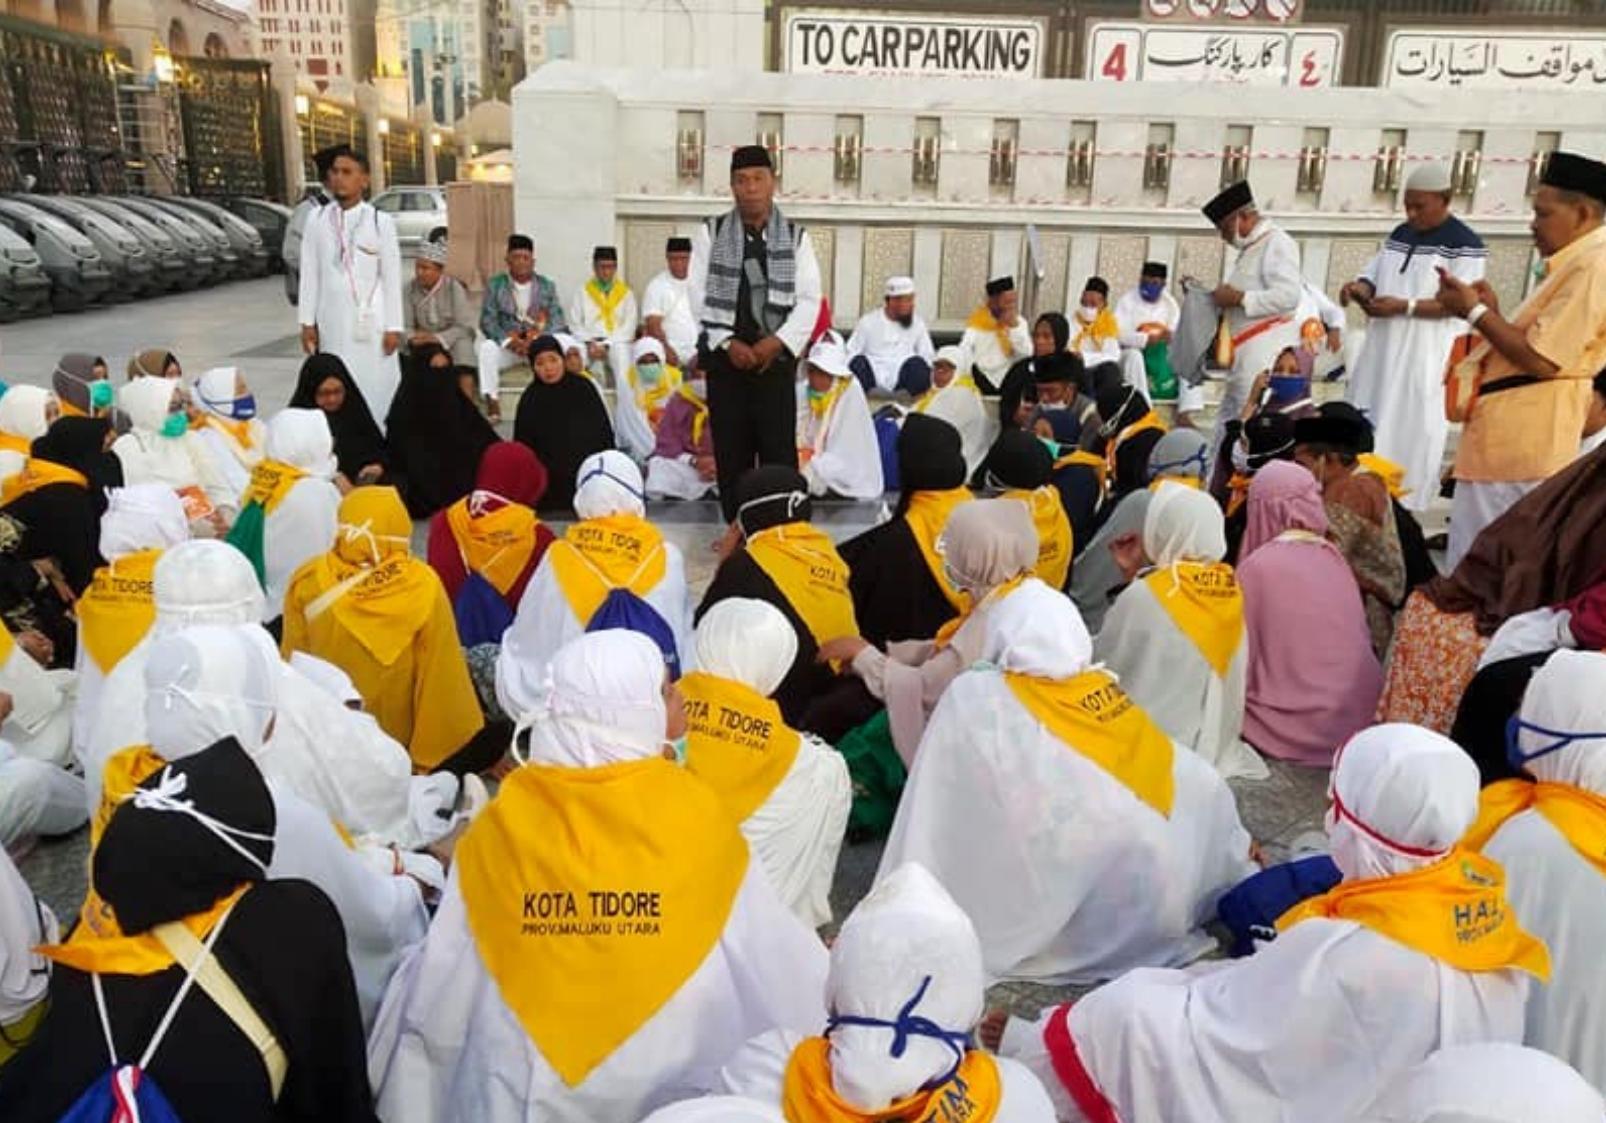 Calon Haji asal Maluku Utara Ziarah di Pasar Kurma dan Masjid Quba